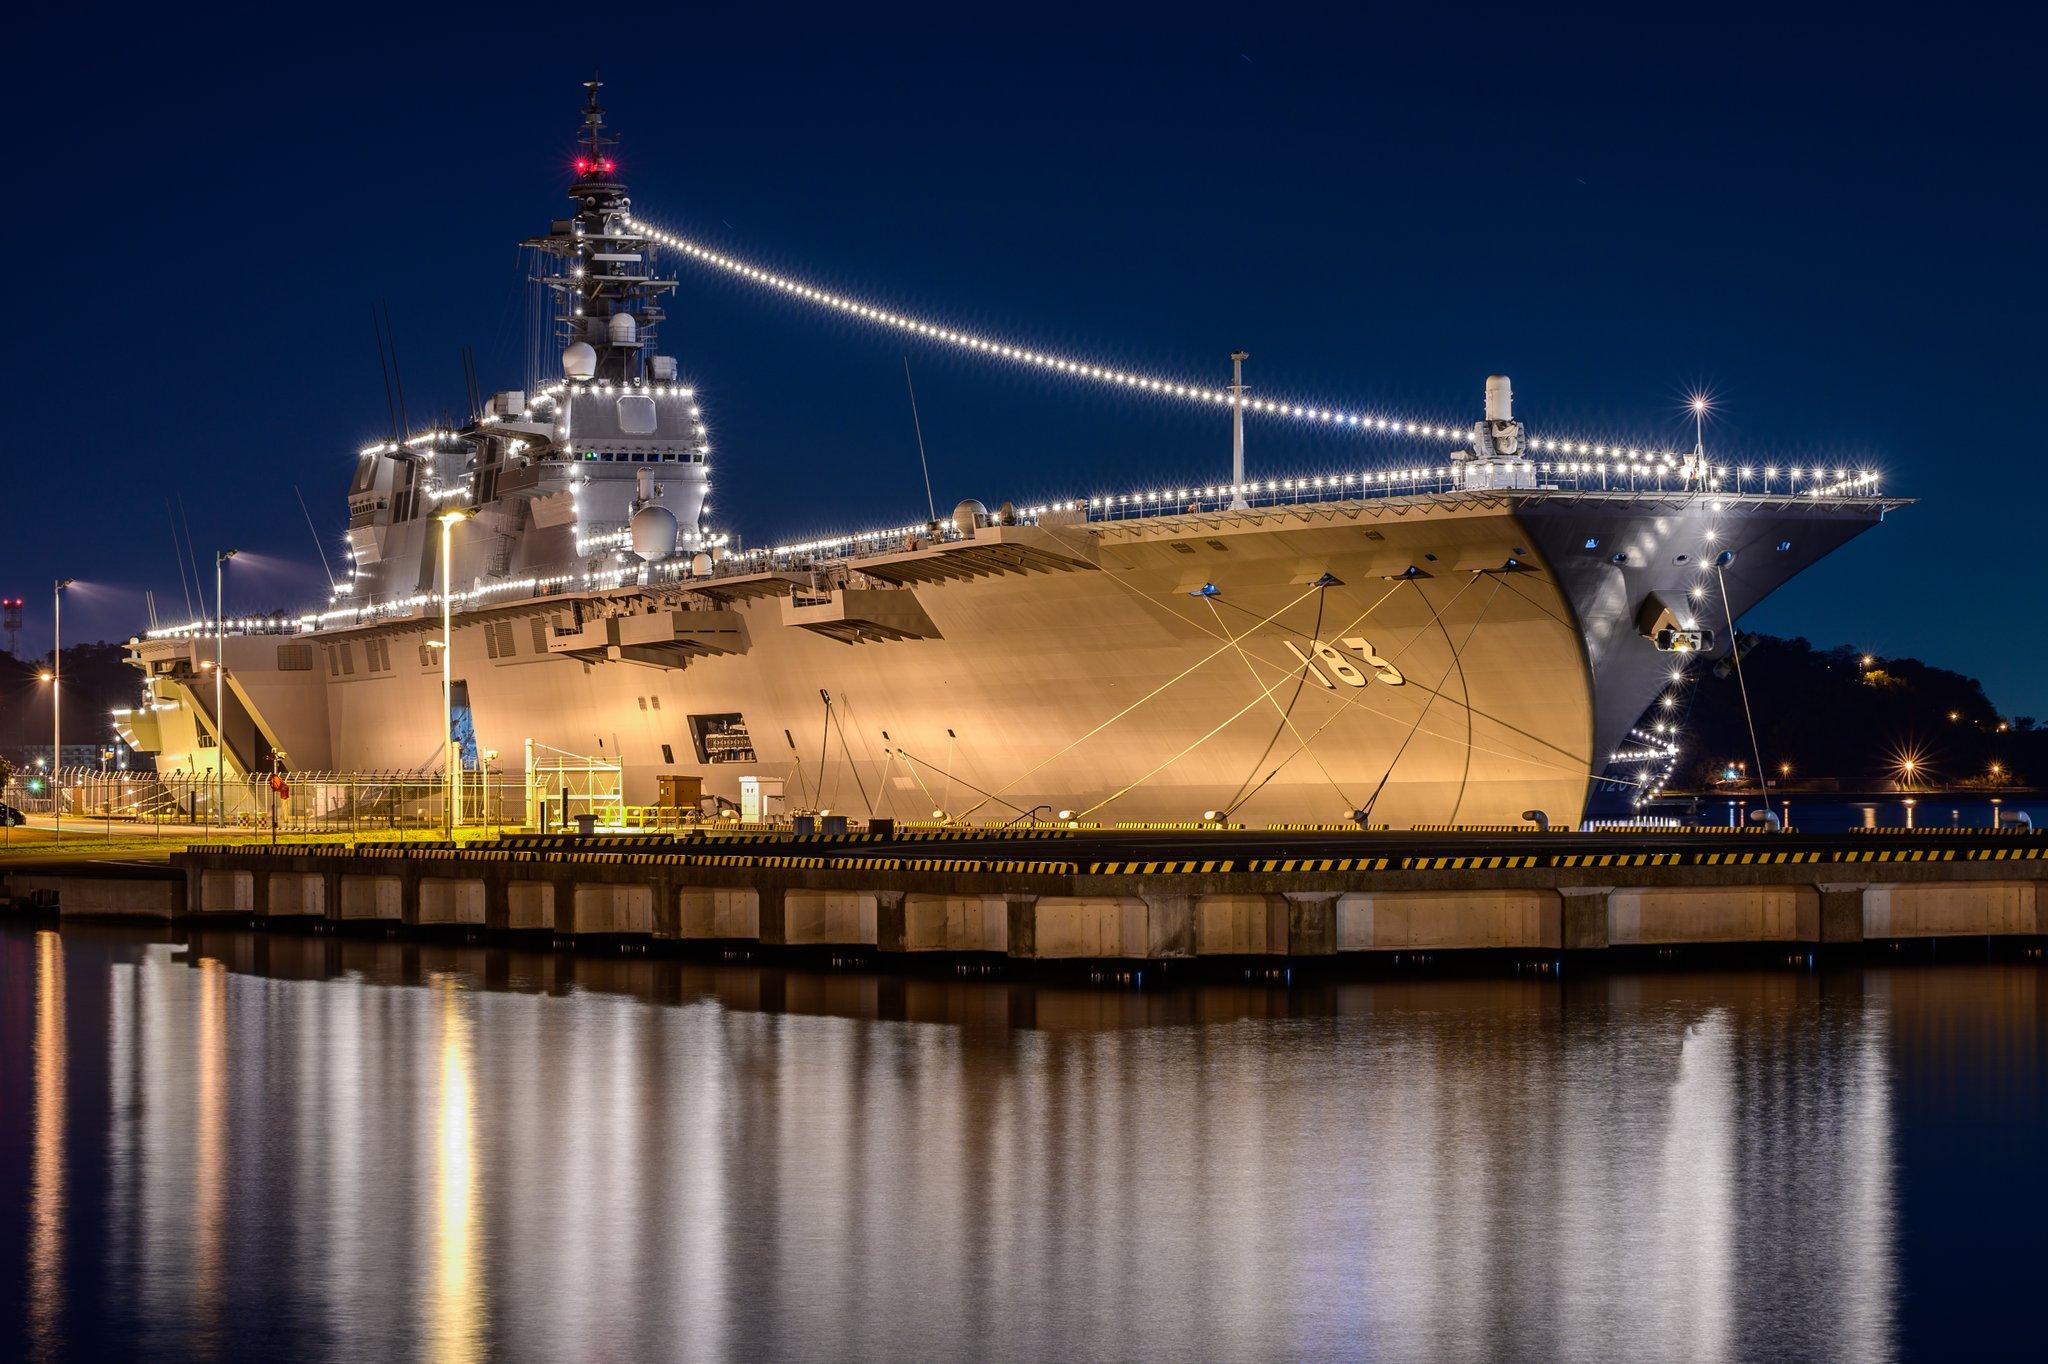 日準航母驅逐艦聚集港口 打開彩燈相當炫目(圖)|驅逐艦